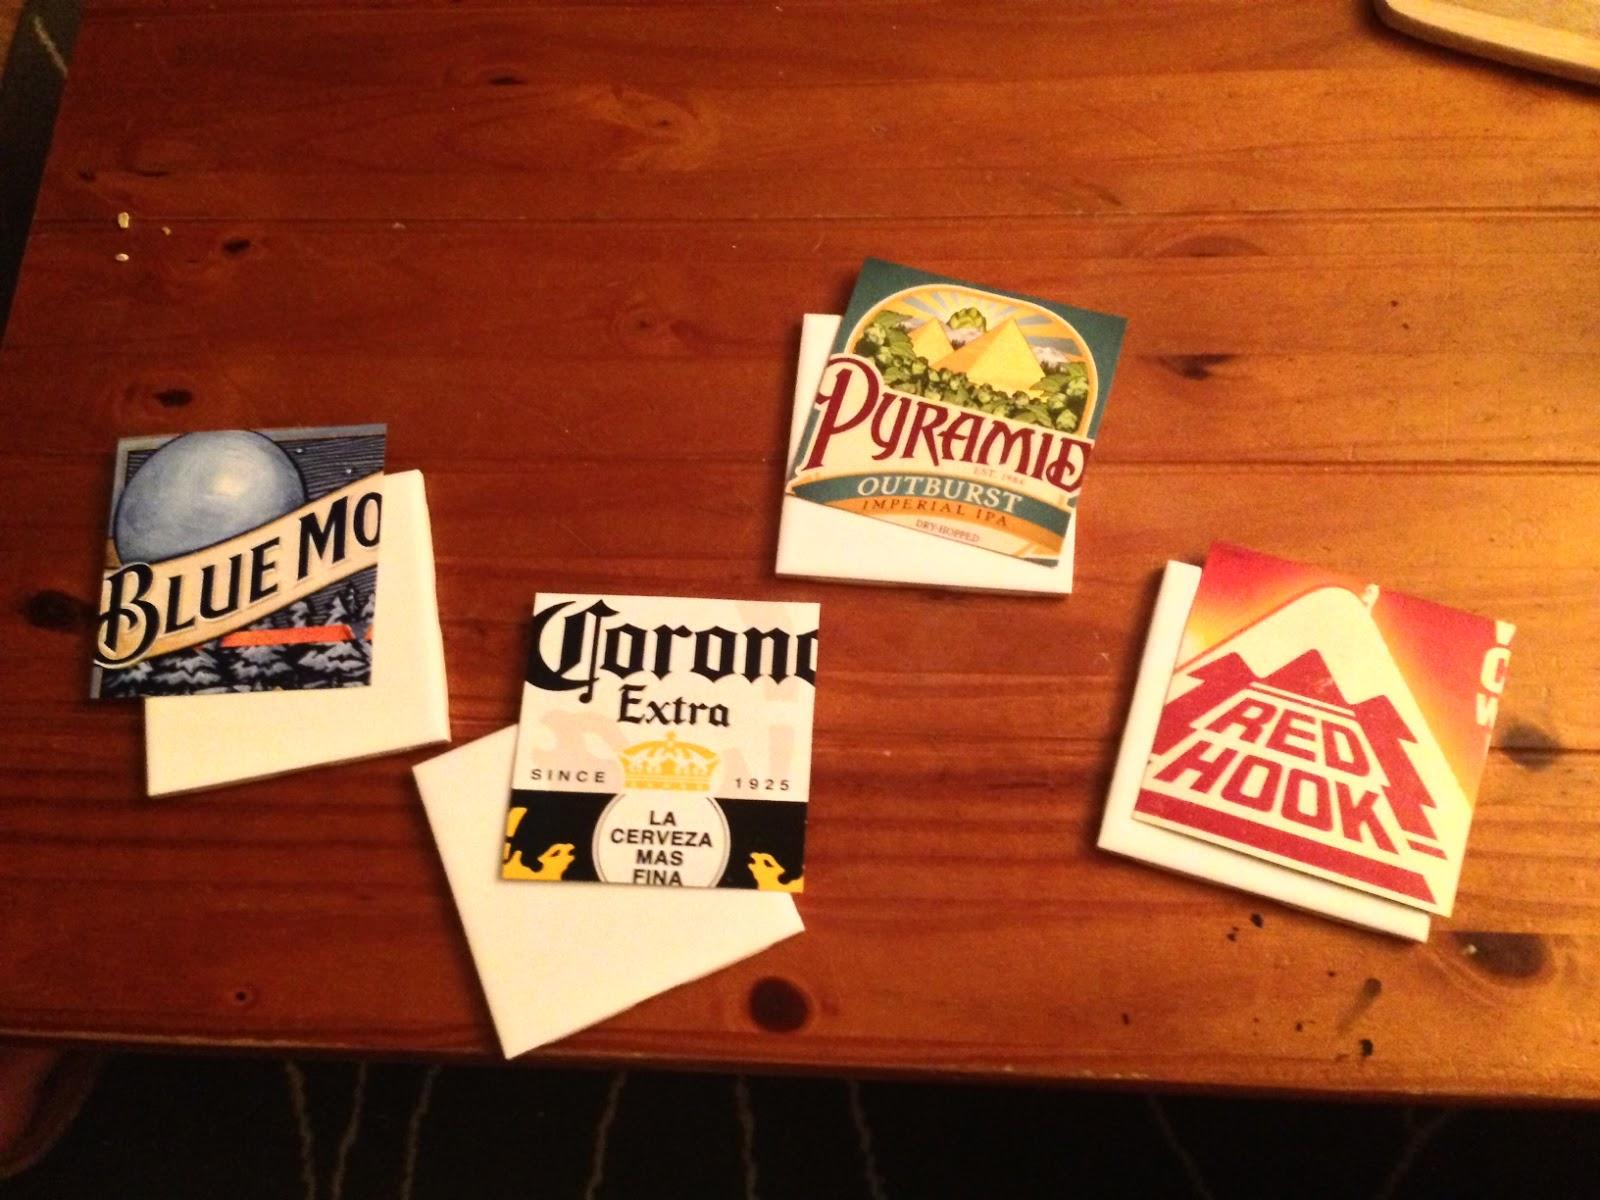 Post grad crafting diy beer coasters - Cardboard beer coasters ...